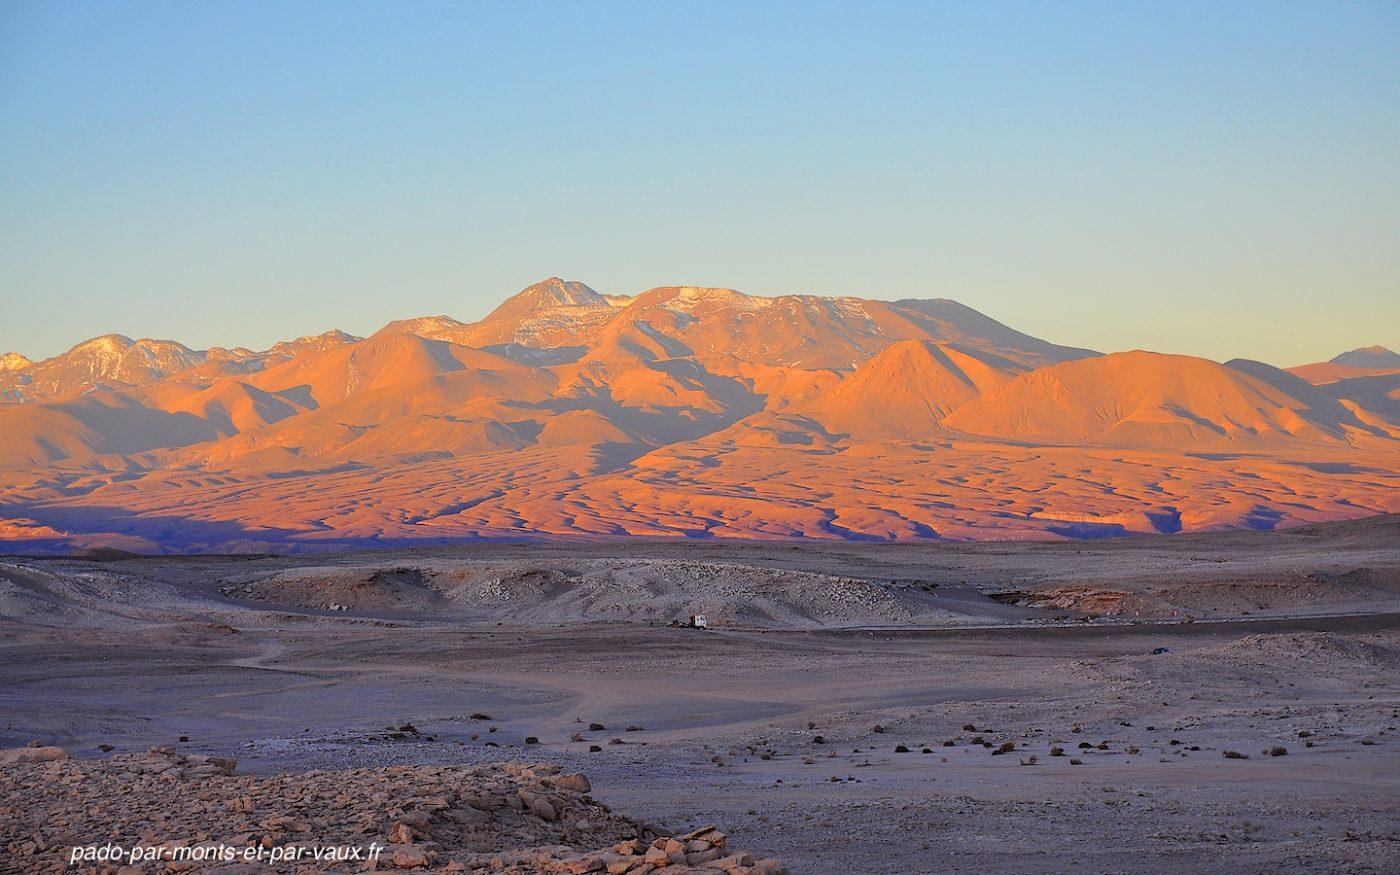 Chili 2011 - vallee de la lune